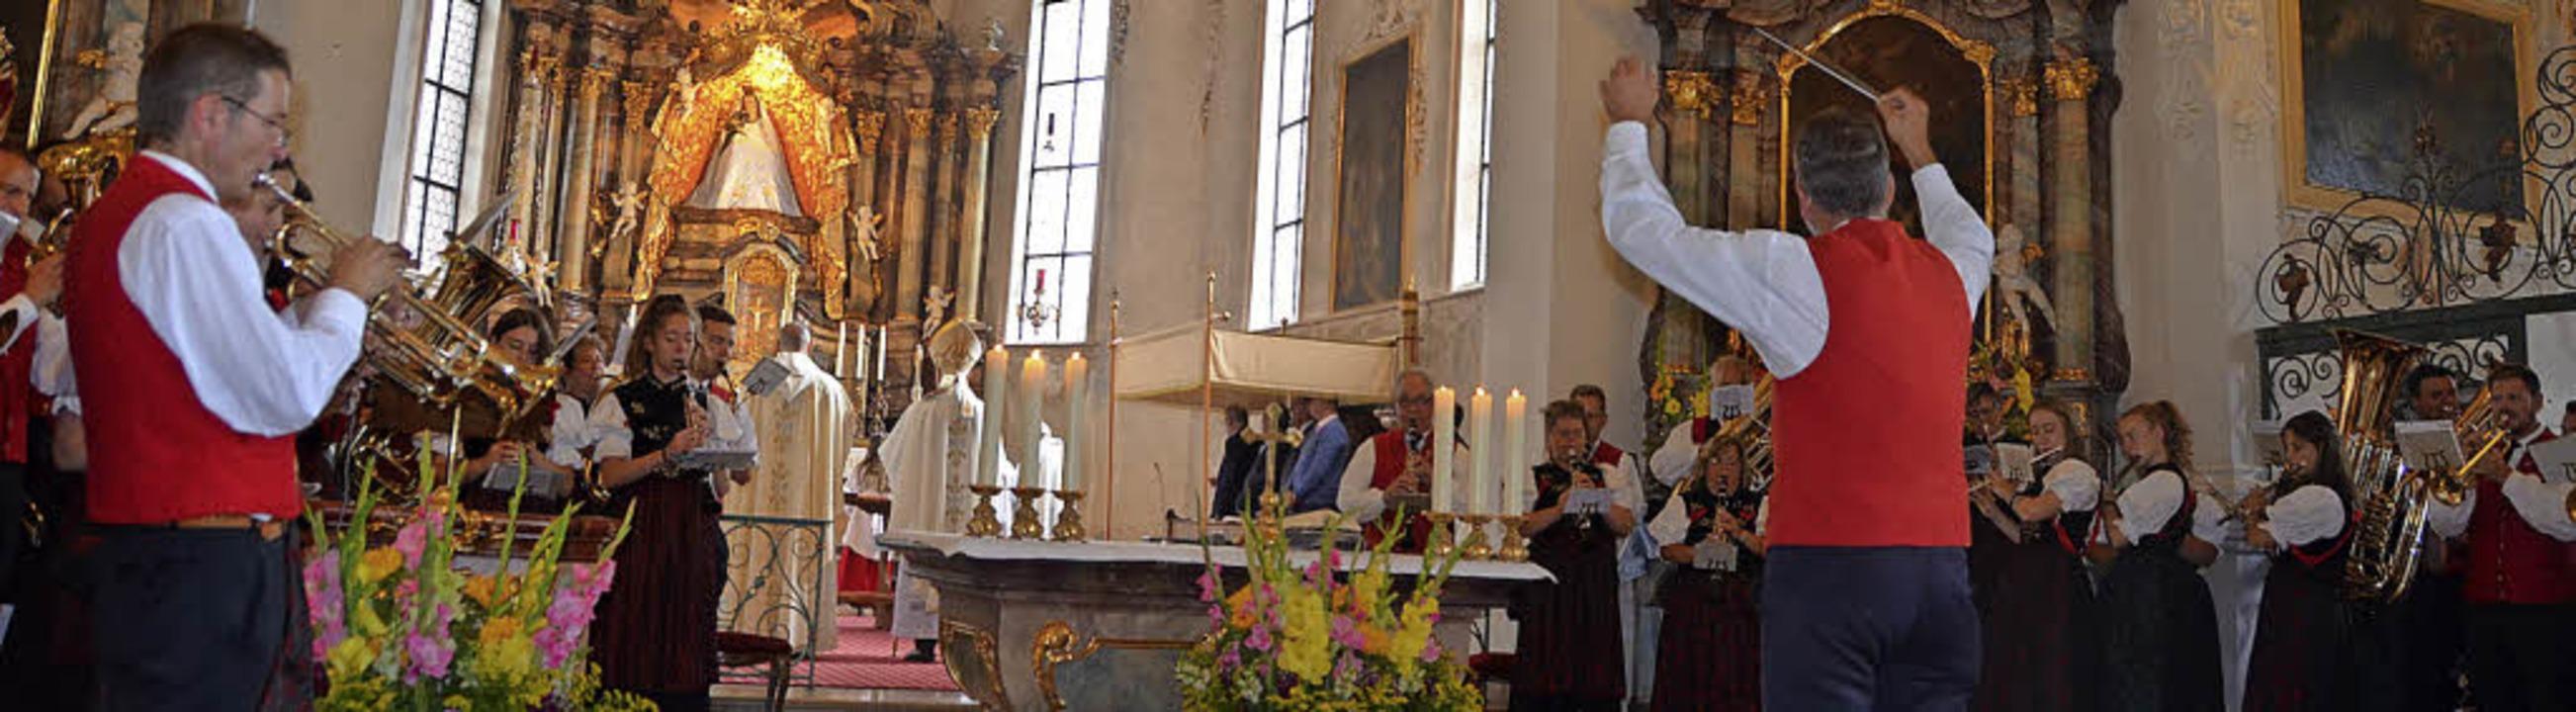 Mit dem gemeinsamen gesungenen und von...zum Patrozinium der Wallfahrtskirche.     Foto: Christiane Sahli